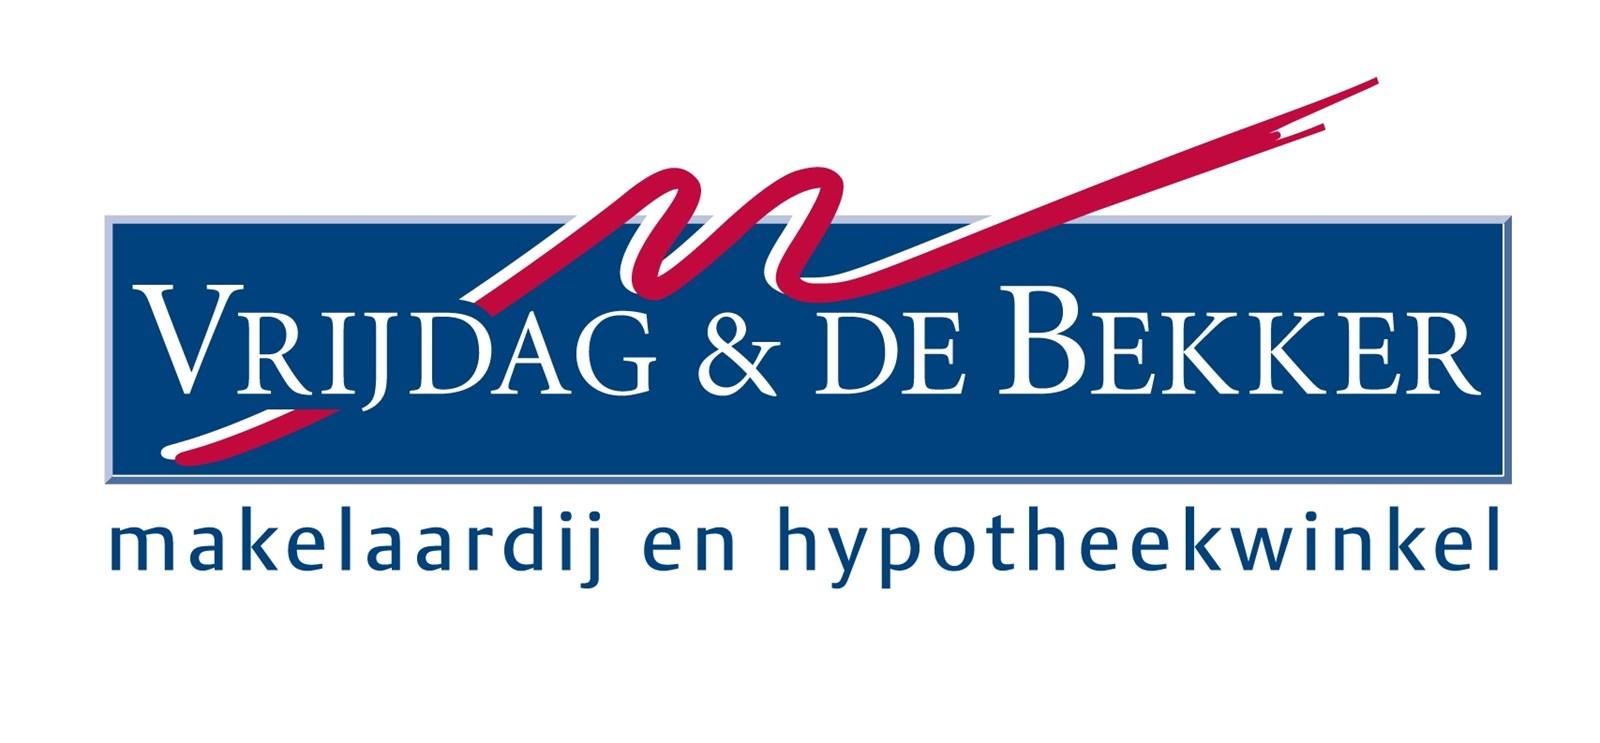 Logo van Vrijdag & De Bekker